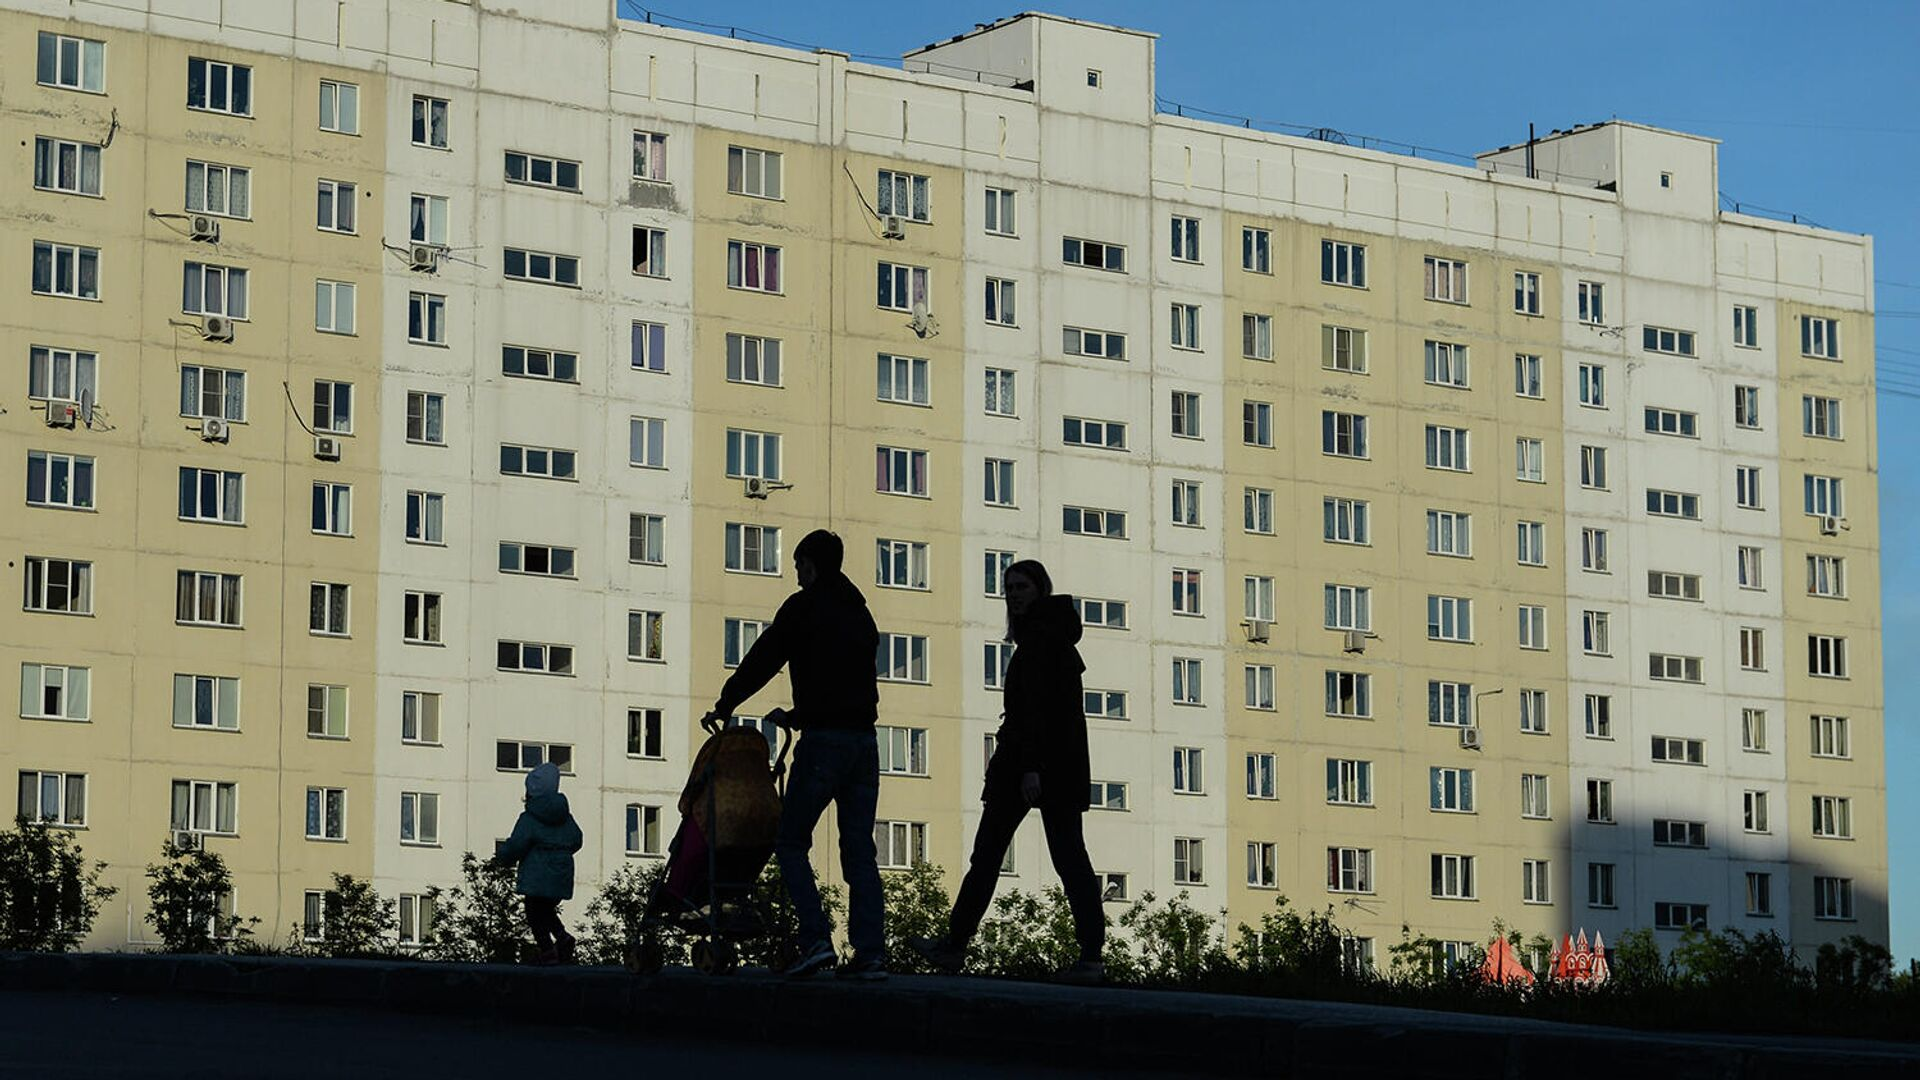 Семья на прогулке во дворе жилого дома - РИА Новости, 1920, 25.11.2020